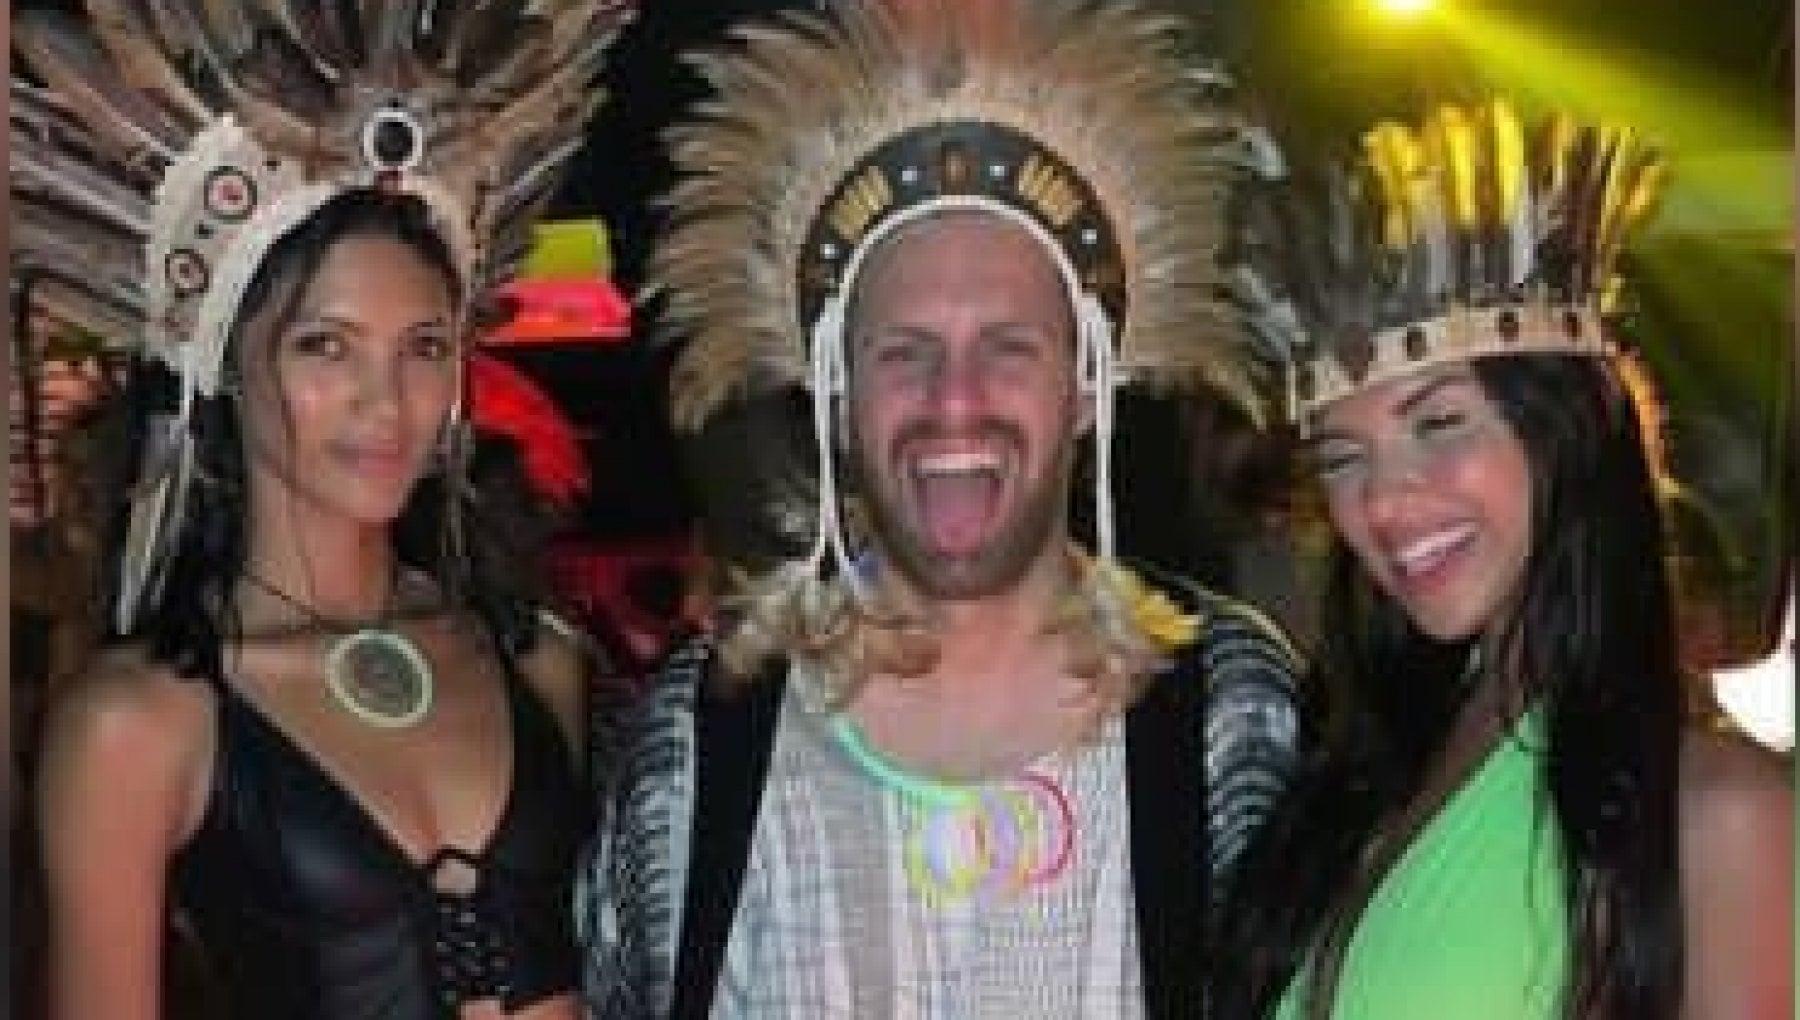 """194543021 77c23279 8cf4 49d3 b1f7 77738cc78879 - Modenese, l'organizzatore delle feste vip nell'Amazzonia colpita dal Covid: """"Non abbiamo fatto nulla di illegale, avevamo tutti il tampone"""""""